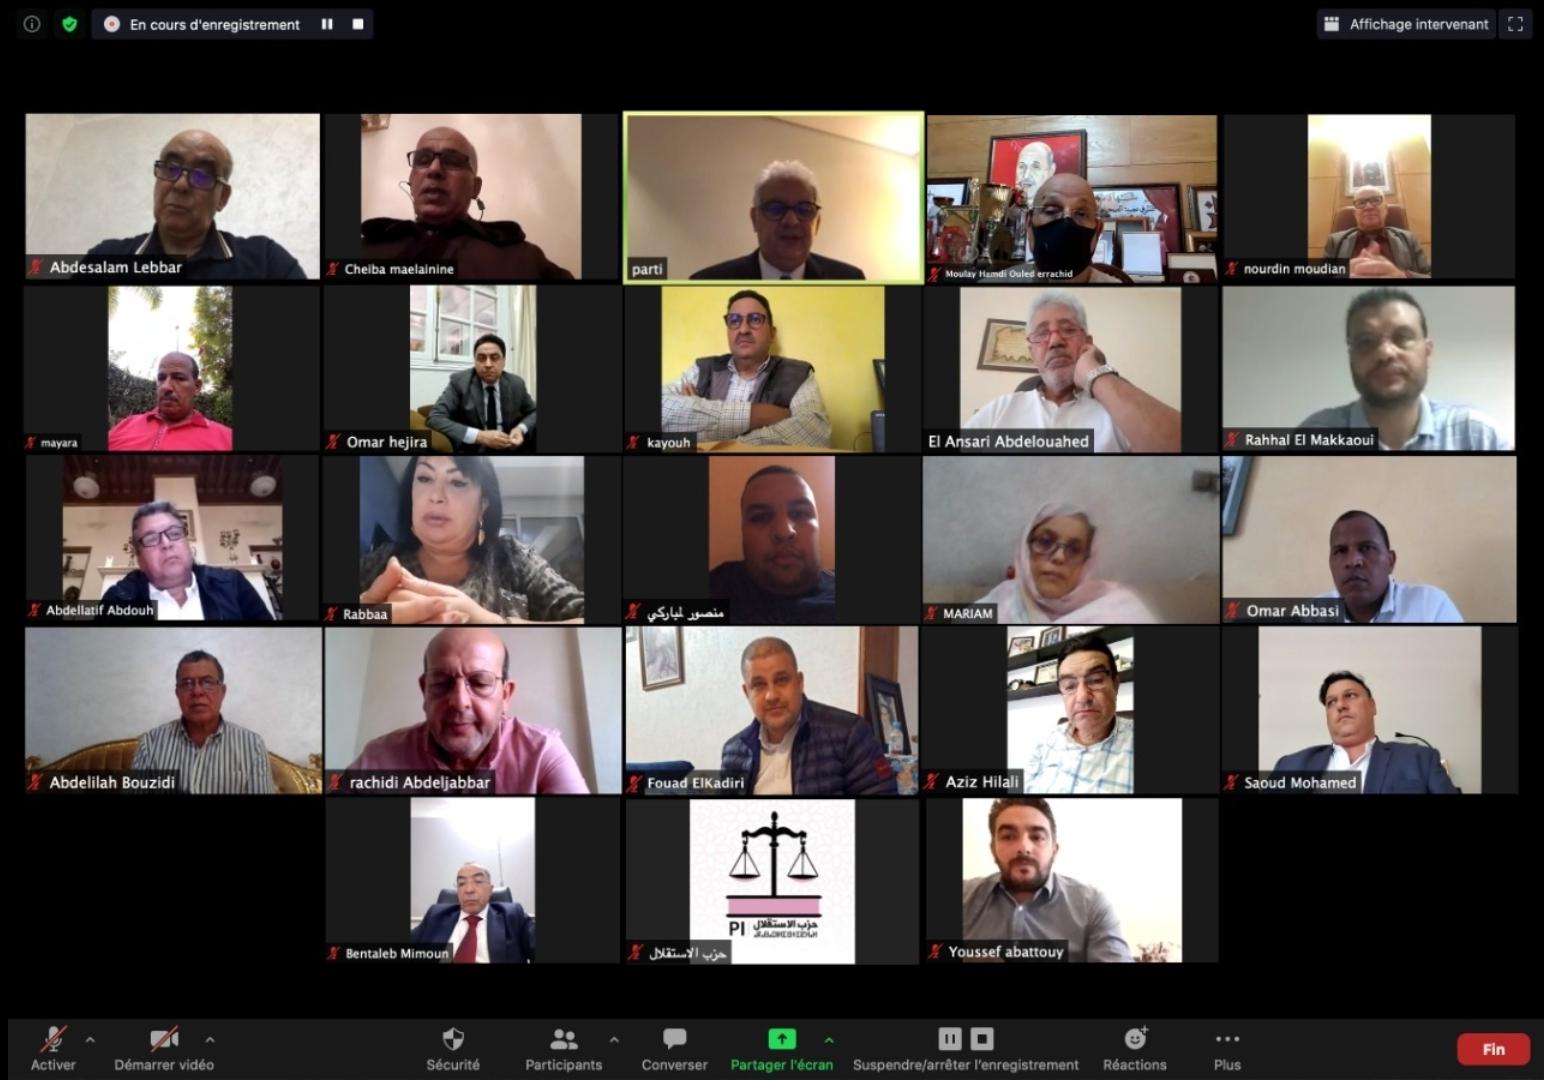 بيان اللجنة التنفيذية لحزب الاستقلال بشأن التطورات المرتبطة بالمنطقة العازلة للكركرات بالصحراء المغربية